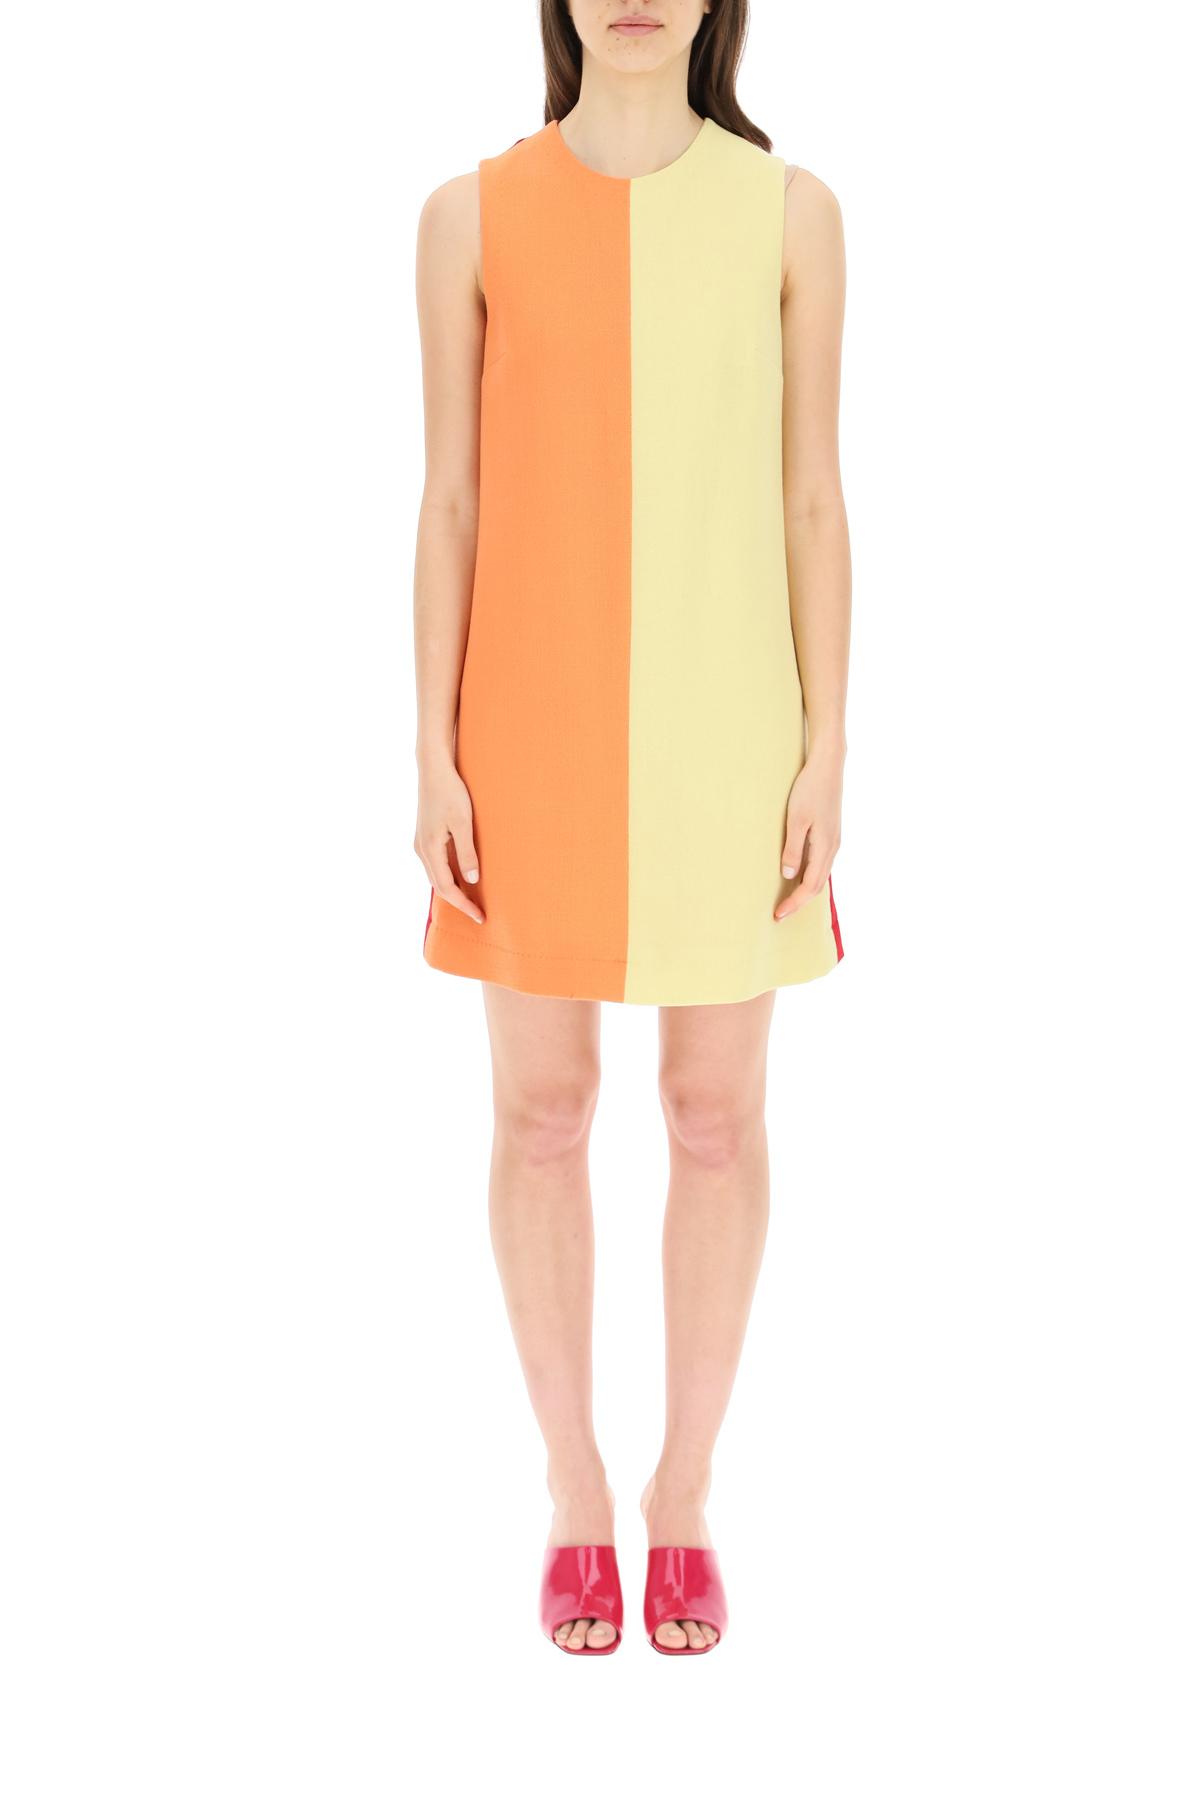 Dolce & gabbana abito multicolor